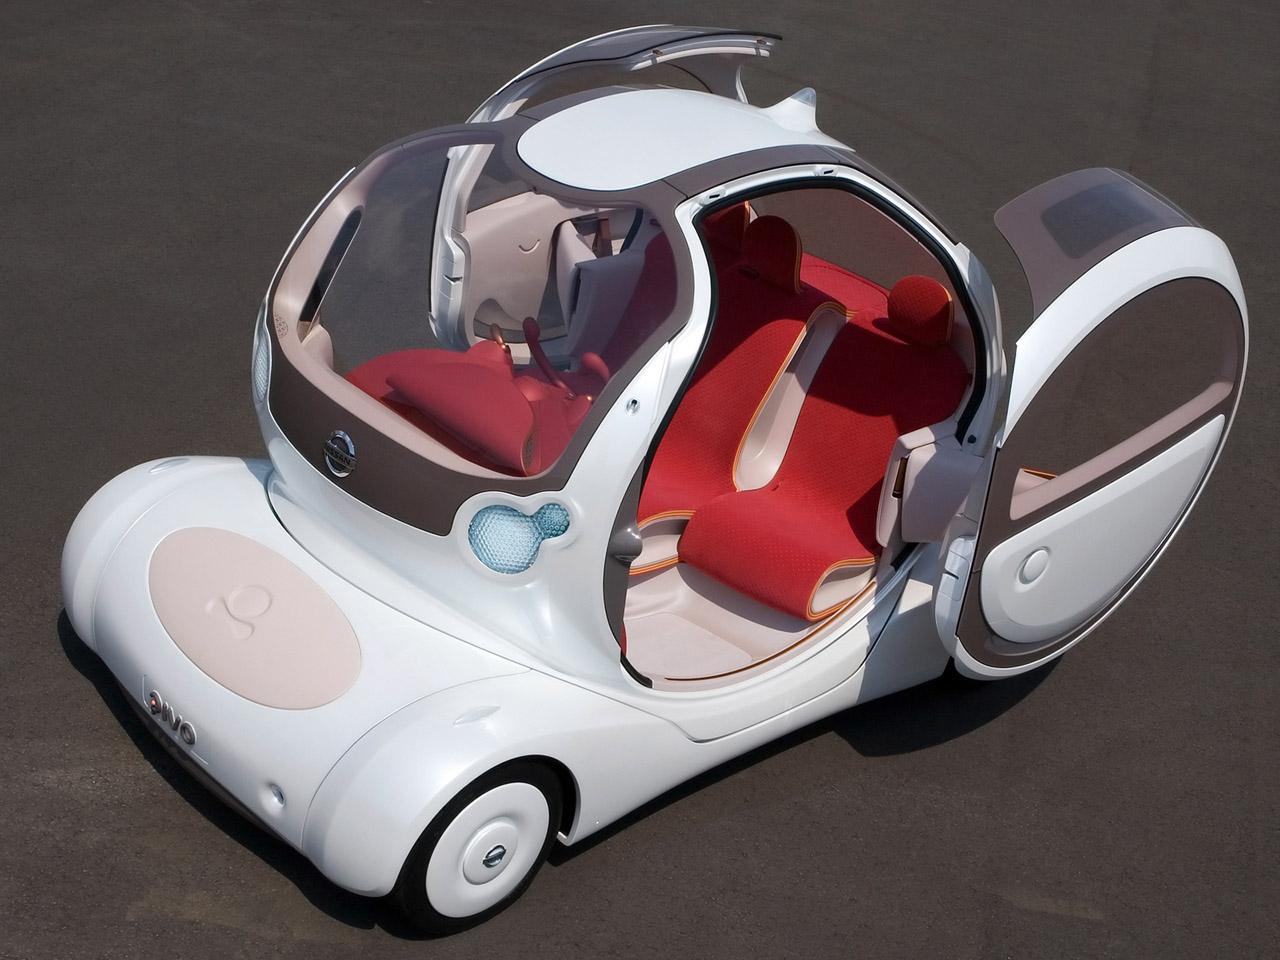 2005-nissan-pivo-concept-sa-top-studio-1280x960